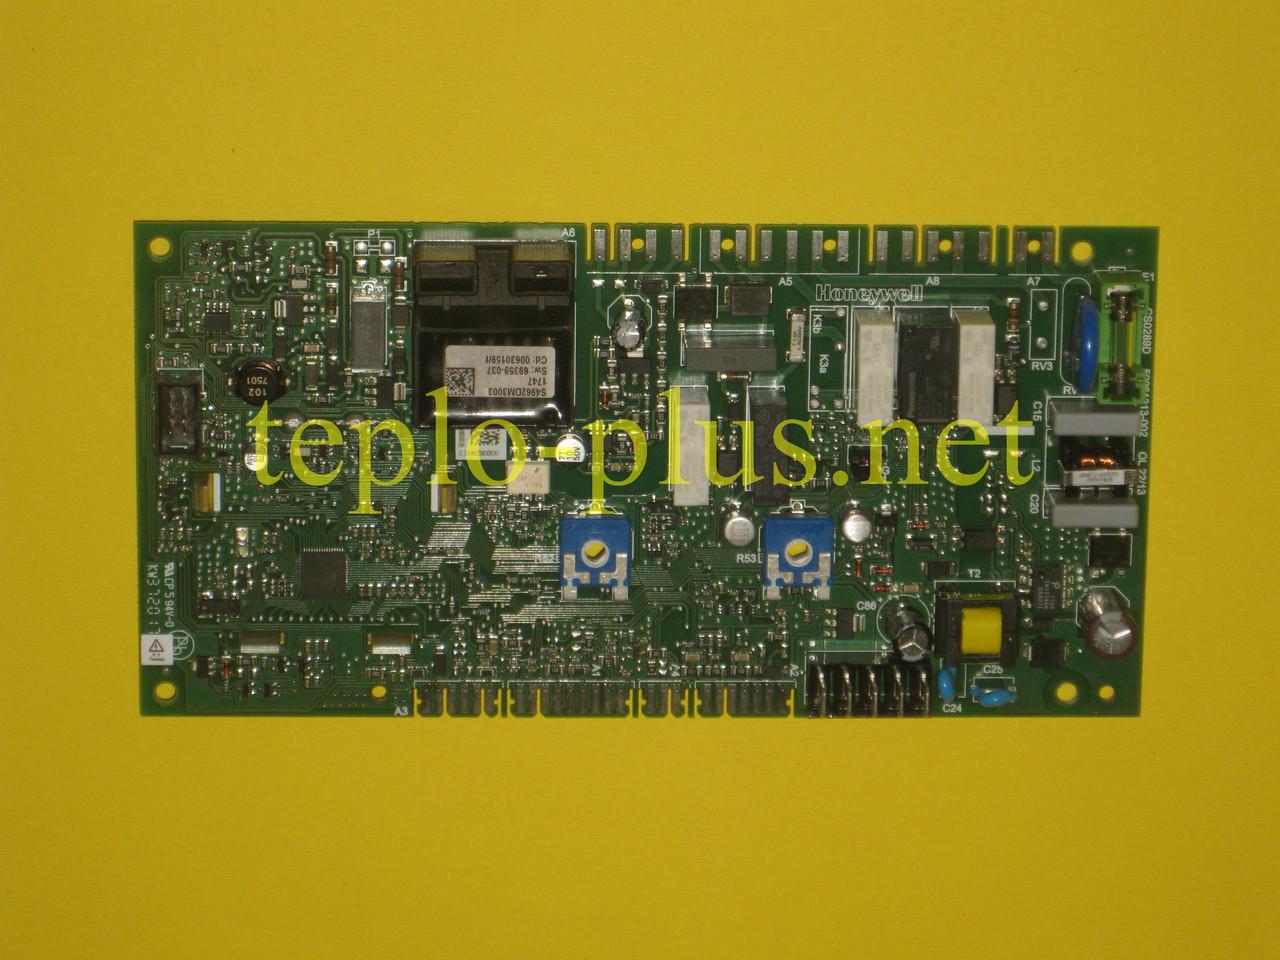 Плата управления 95000951 Unical IDEA PLUS AC 23, CS 24, CS 28, CS 32, Roda VorTech Duo CS 24, CS 28, CS 32